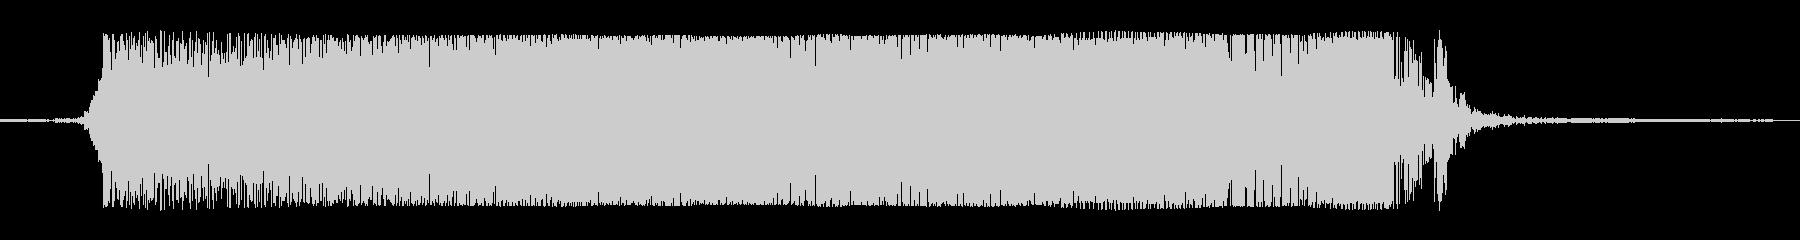 ギターメタルパワーコードTの未再生の波形